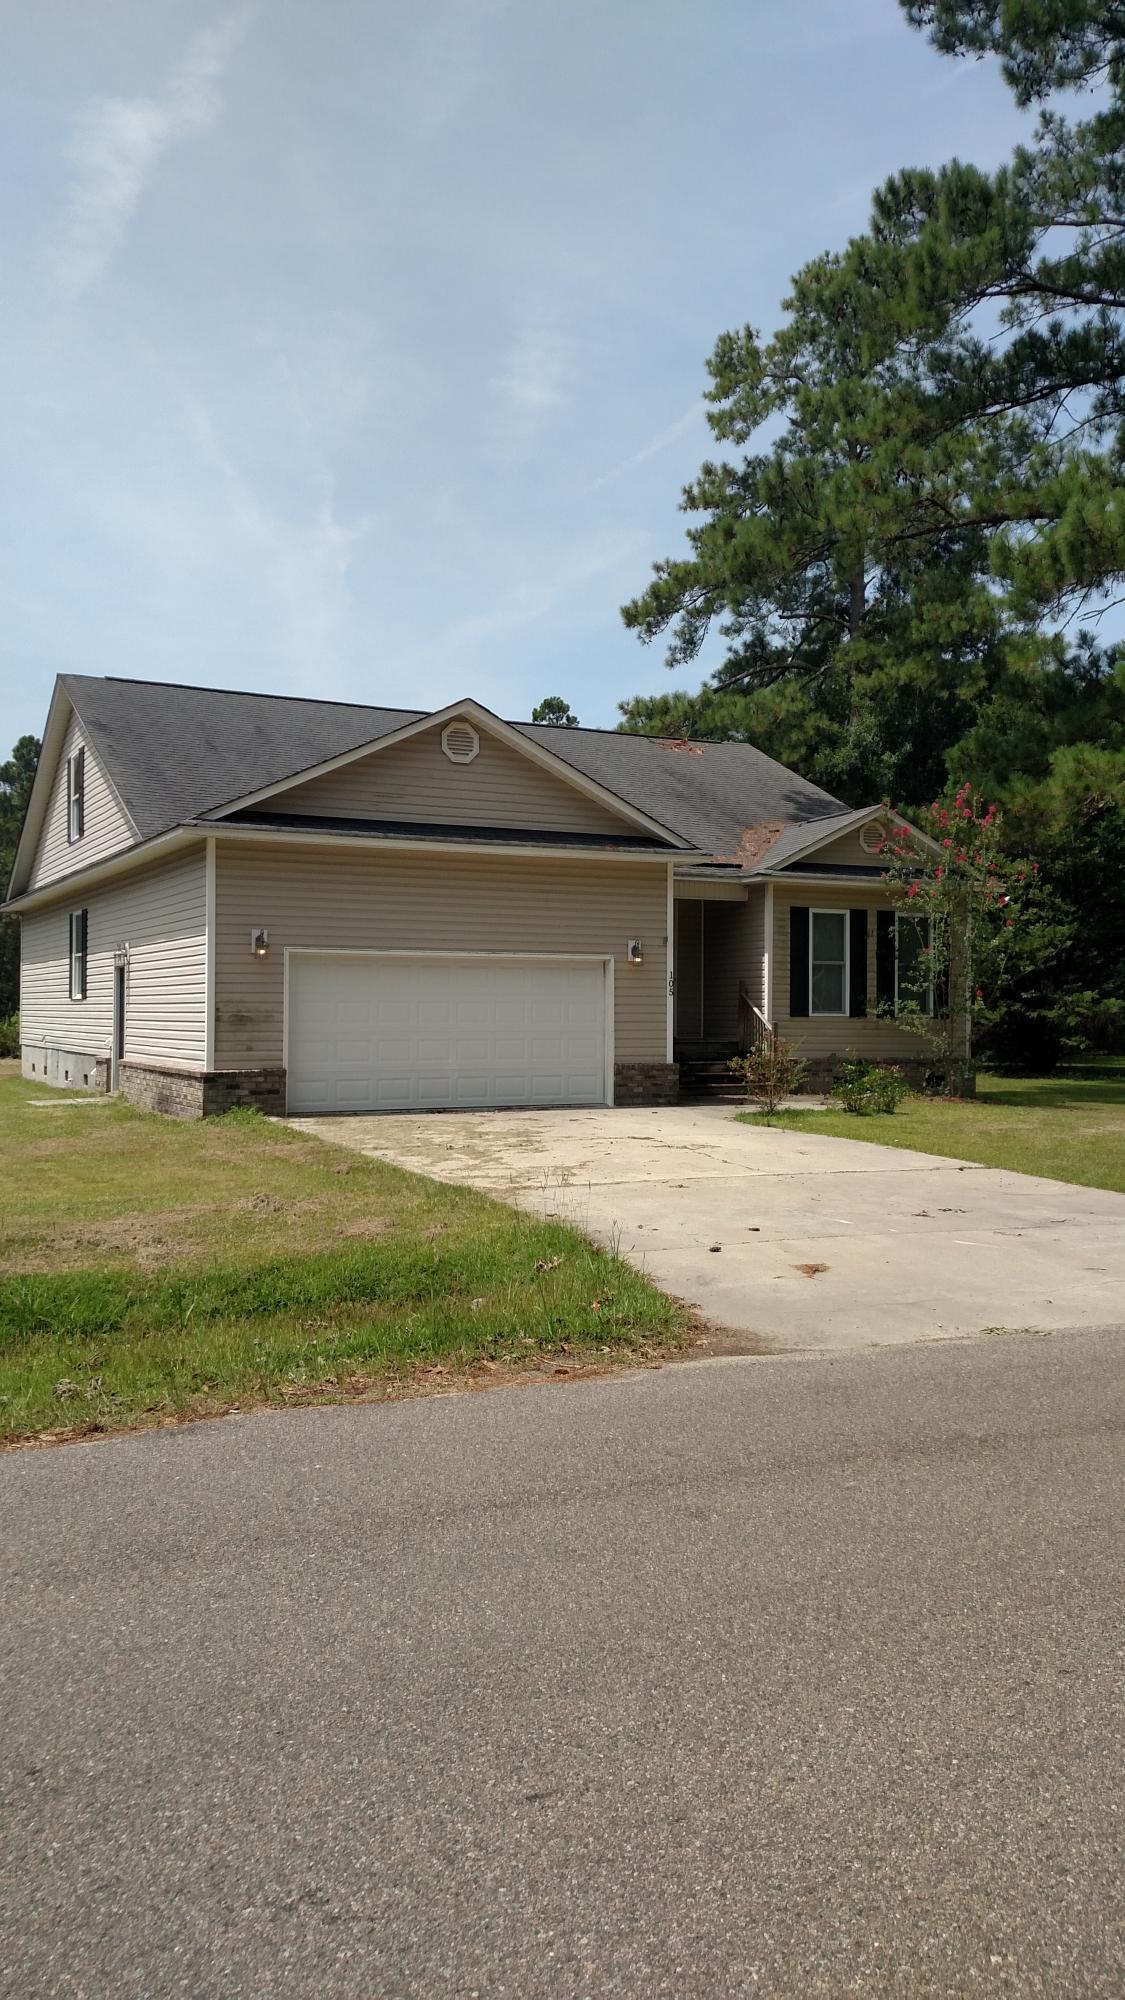 105 Sinclair Road Summerville, SC 29483